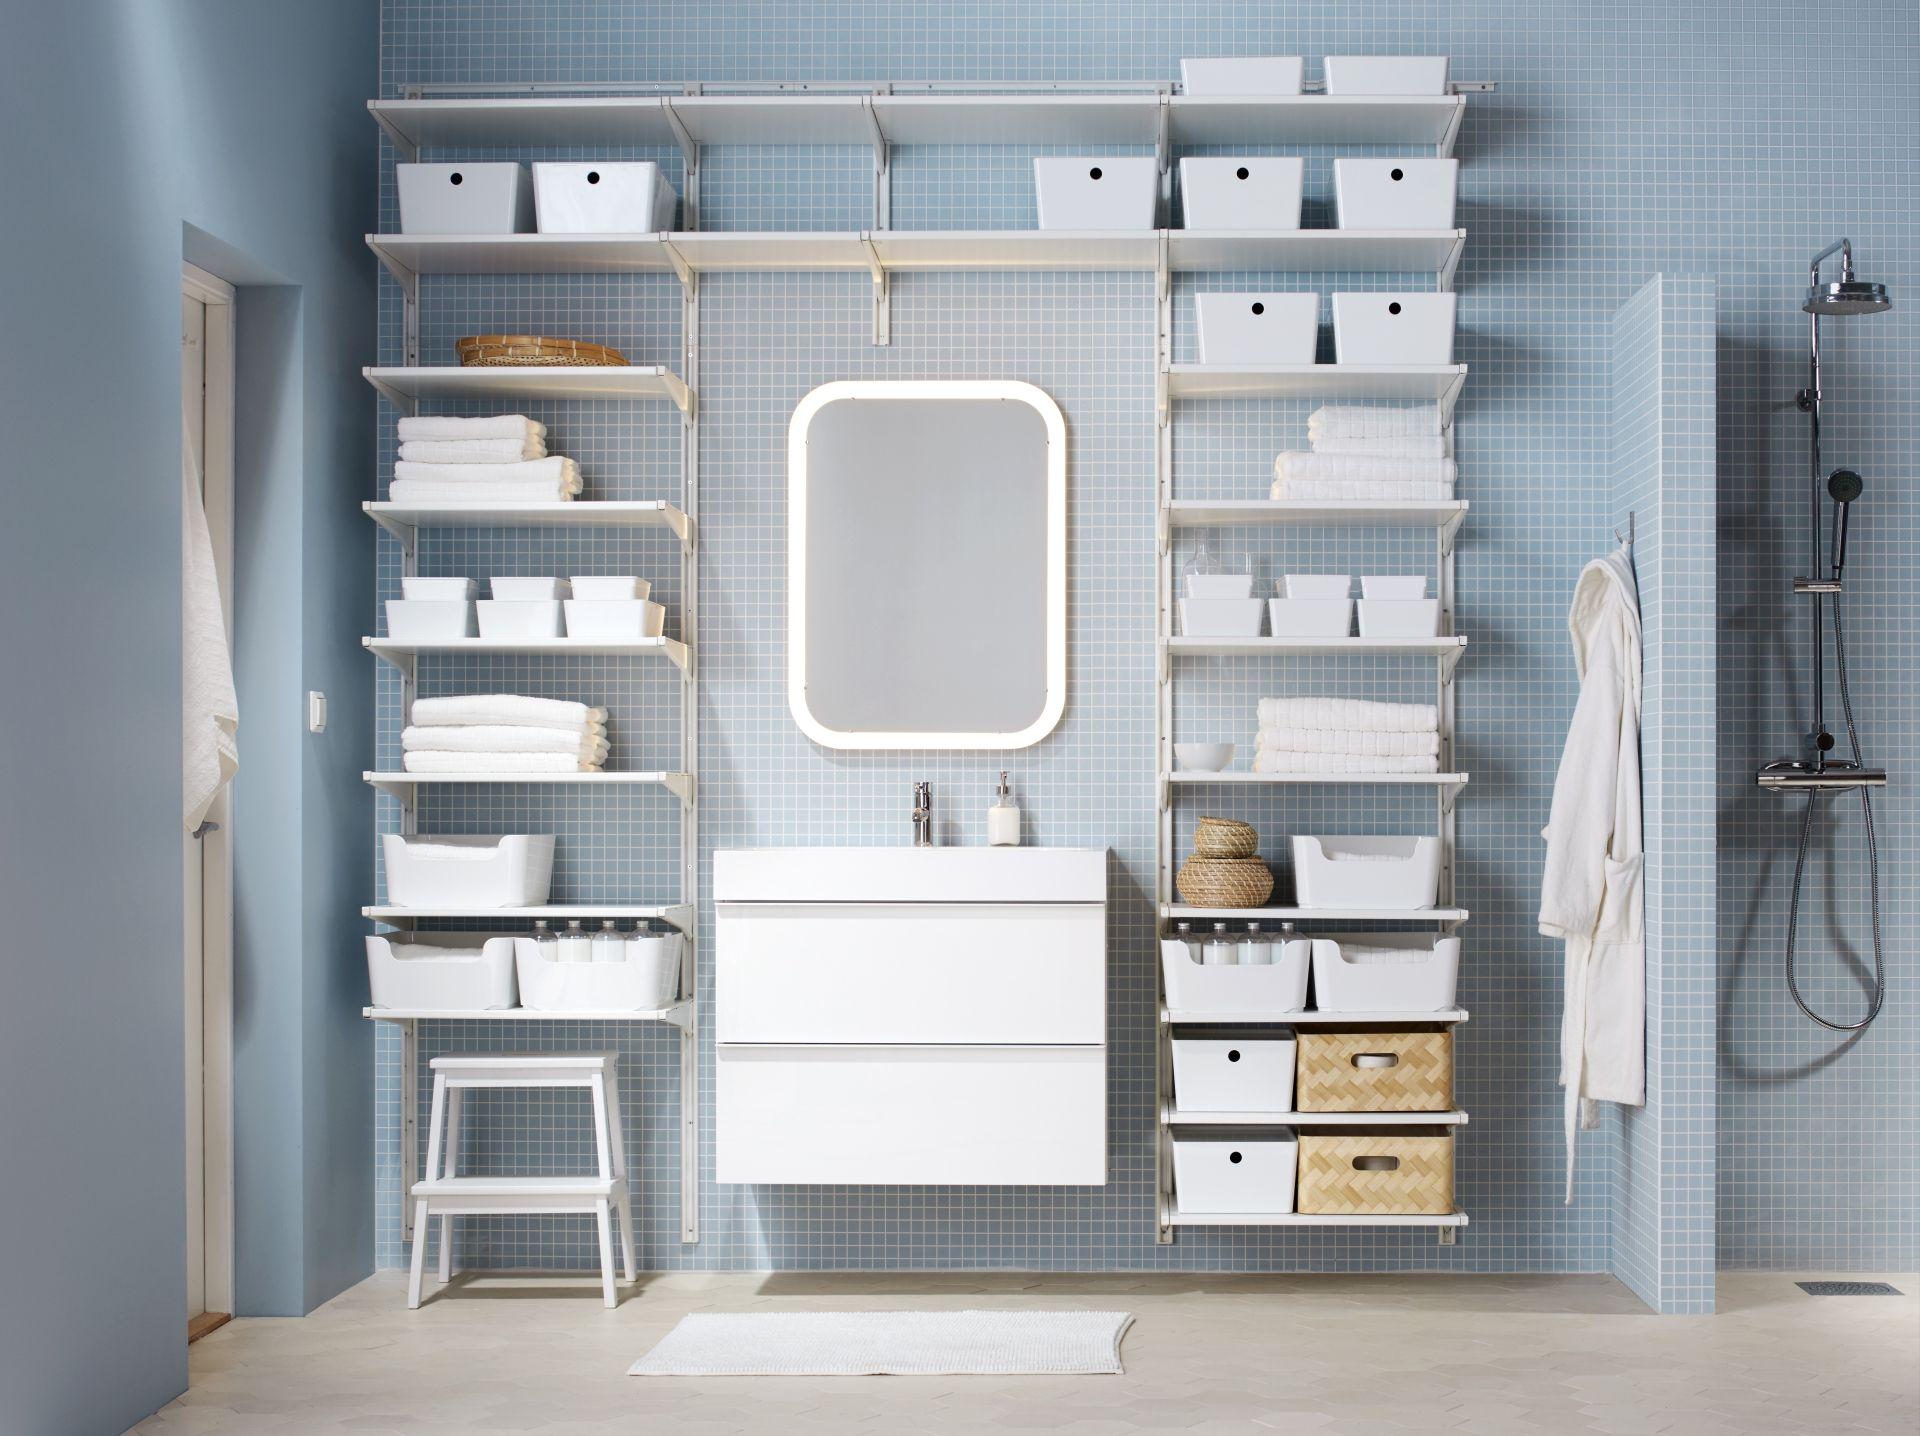 Ikea Badkamer Inspiratie : Godmorgon edeboviken kast voor wastafel ikea ikeanl